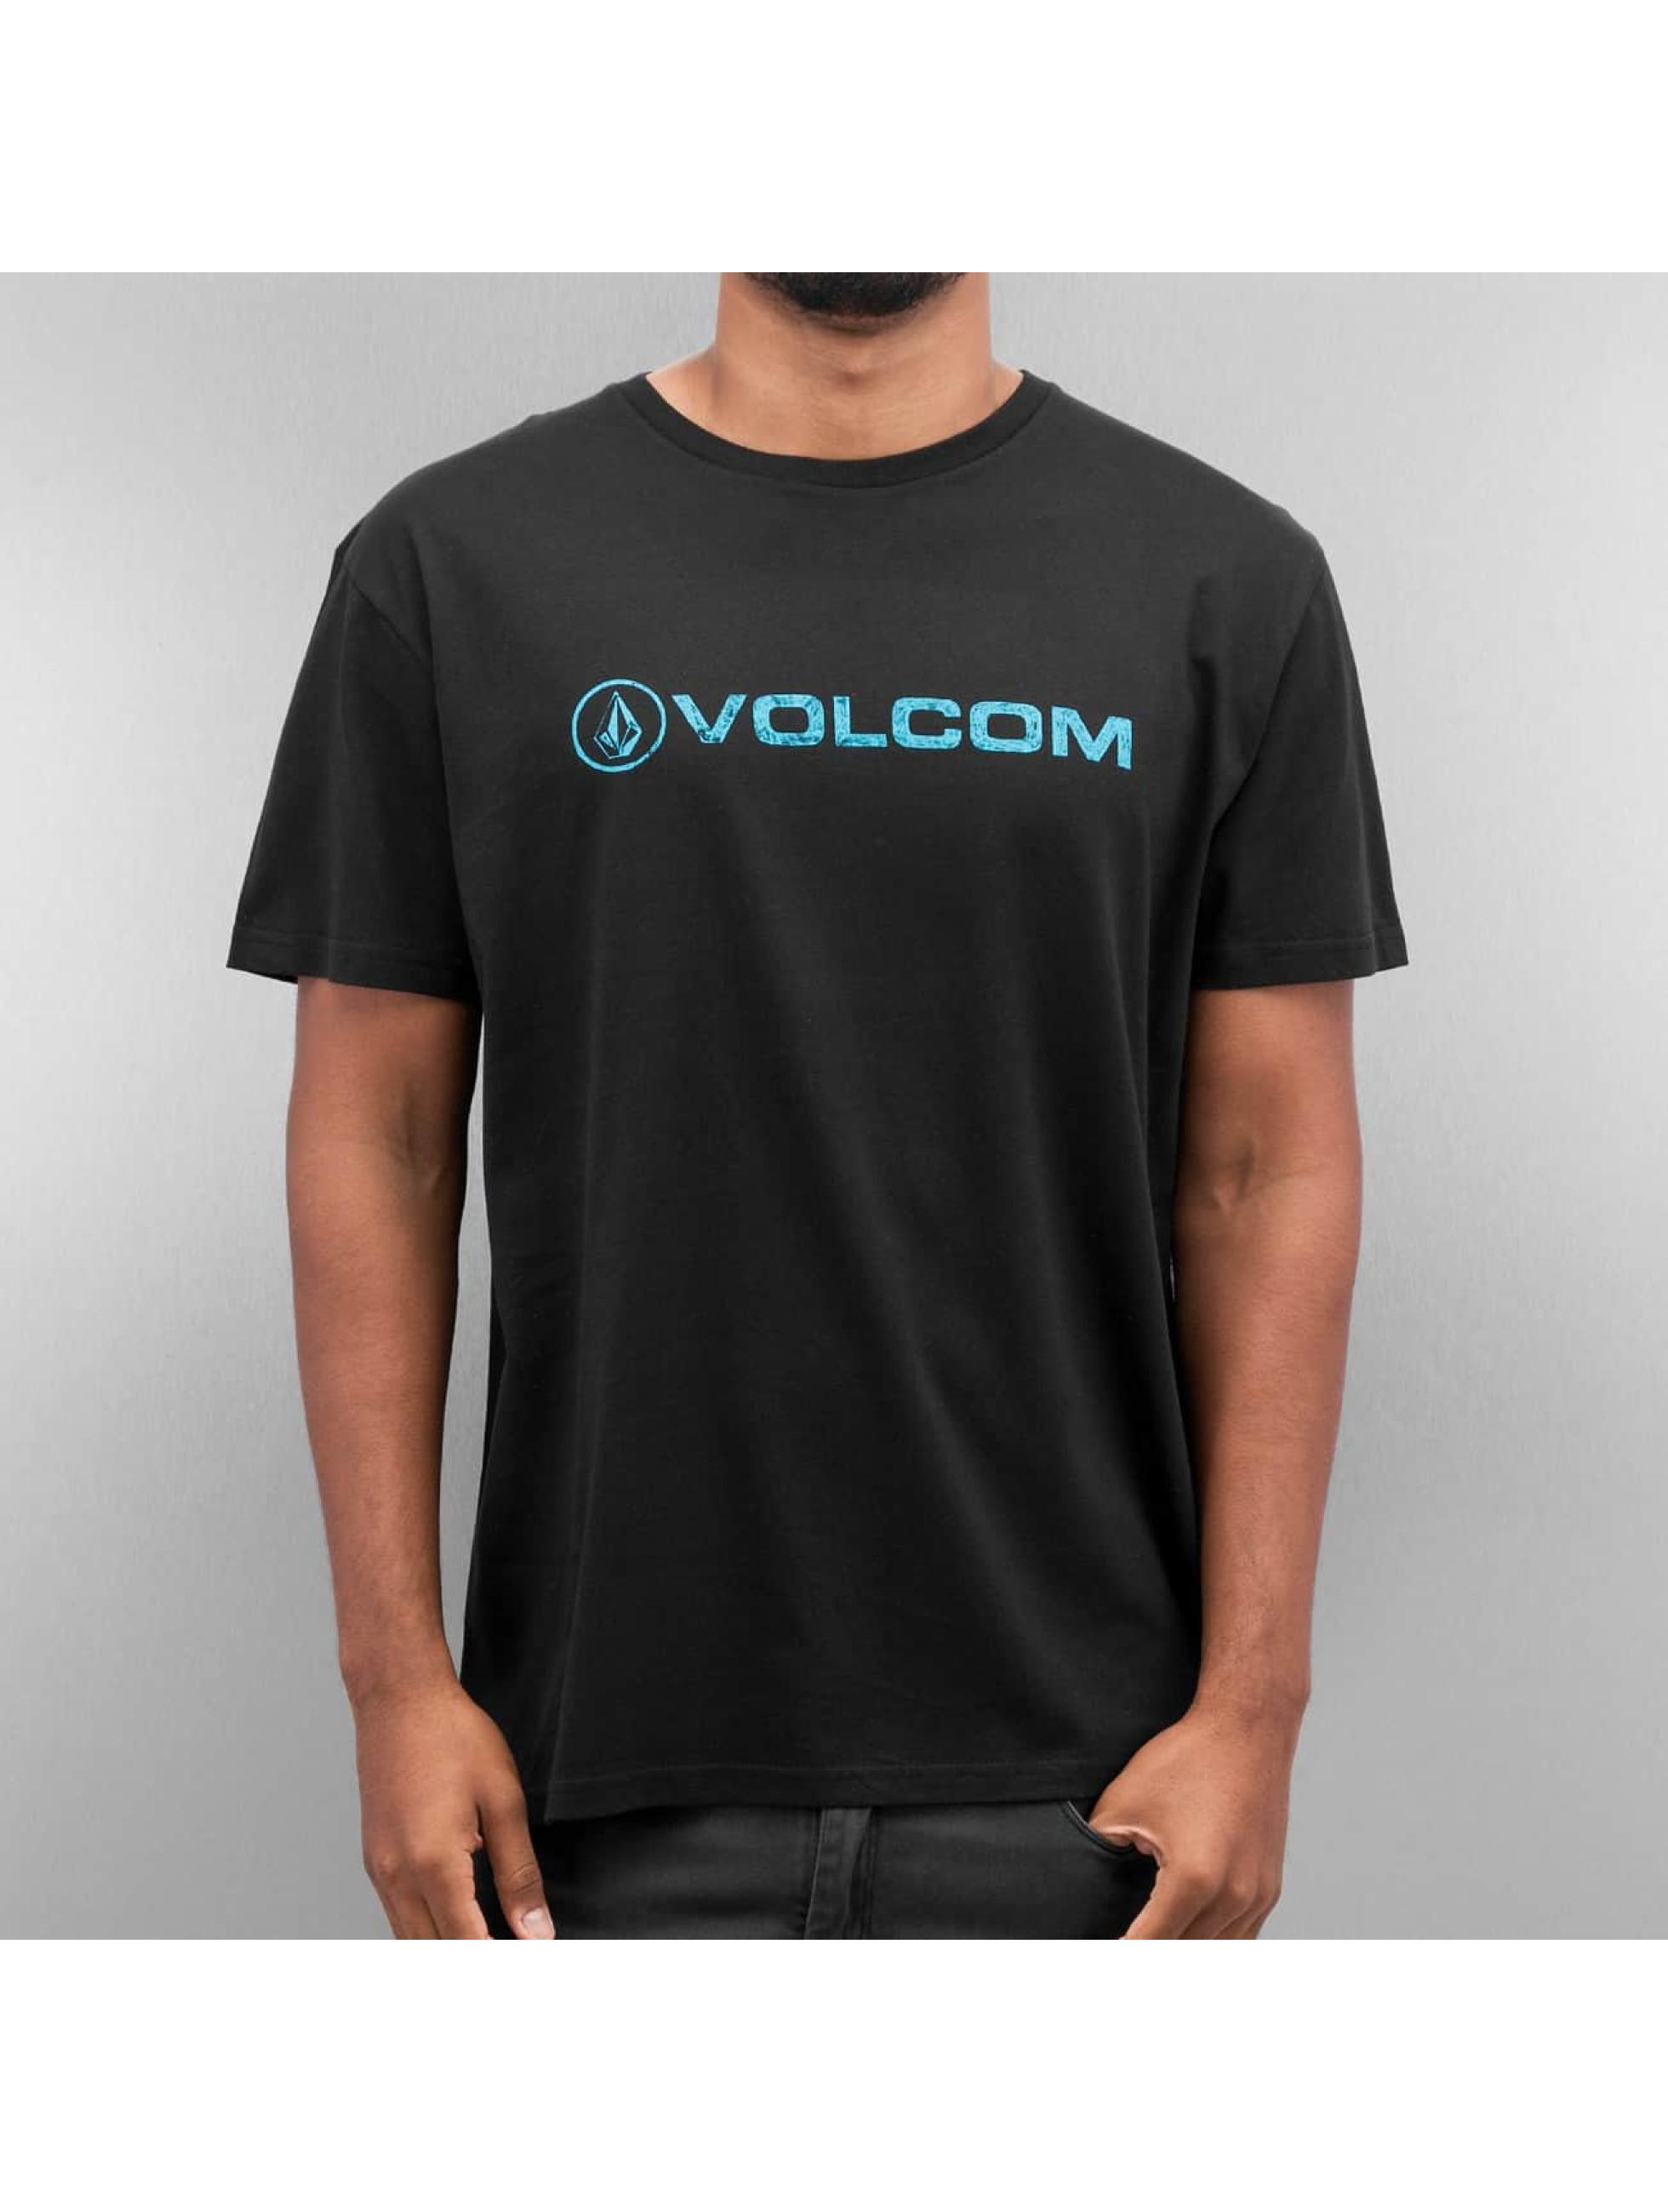 Volcom t-shirt Euro Pencil zwart